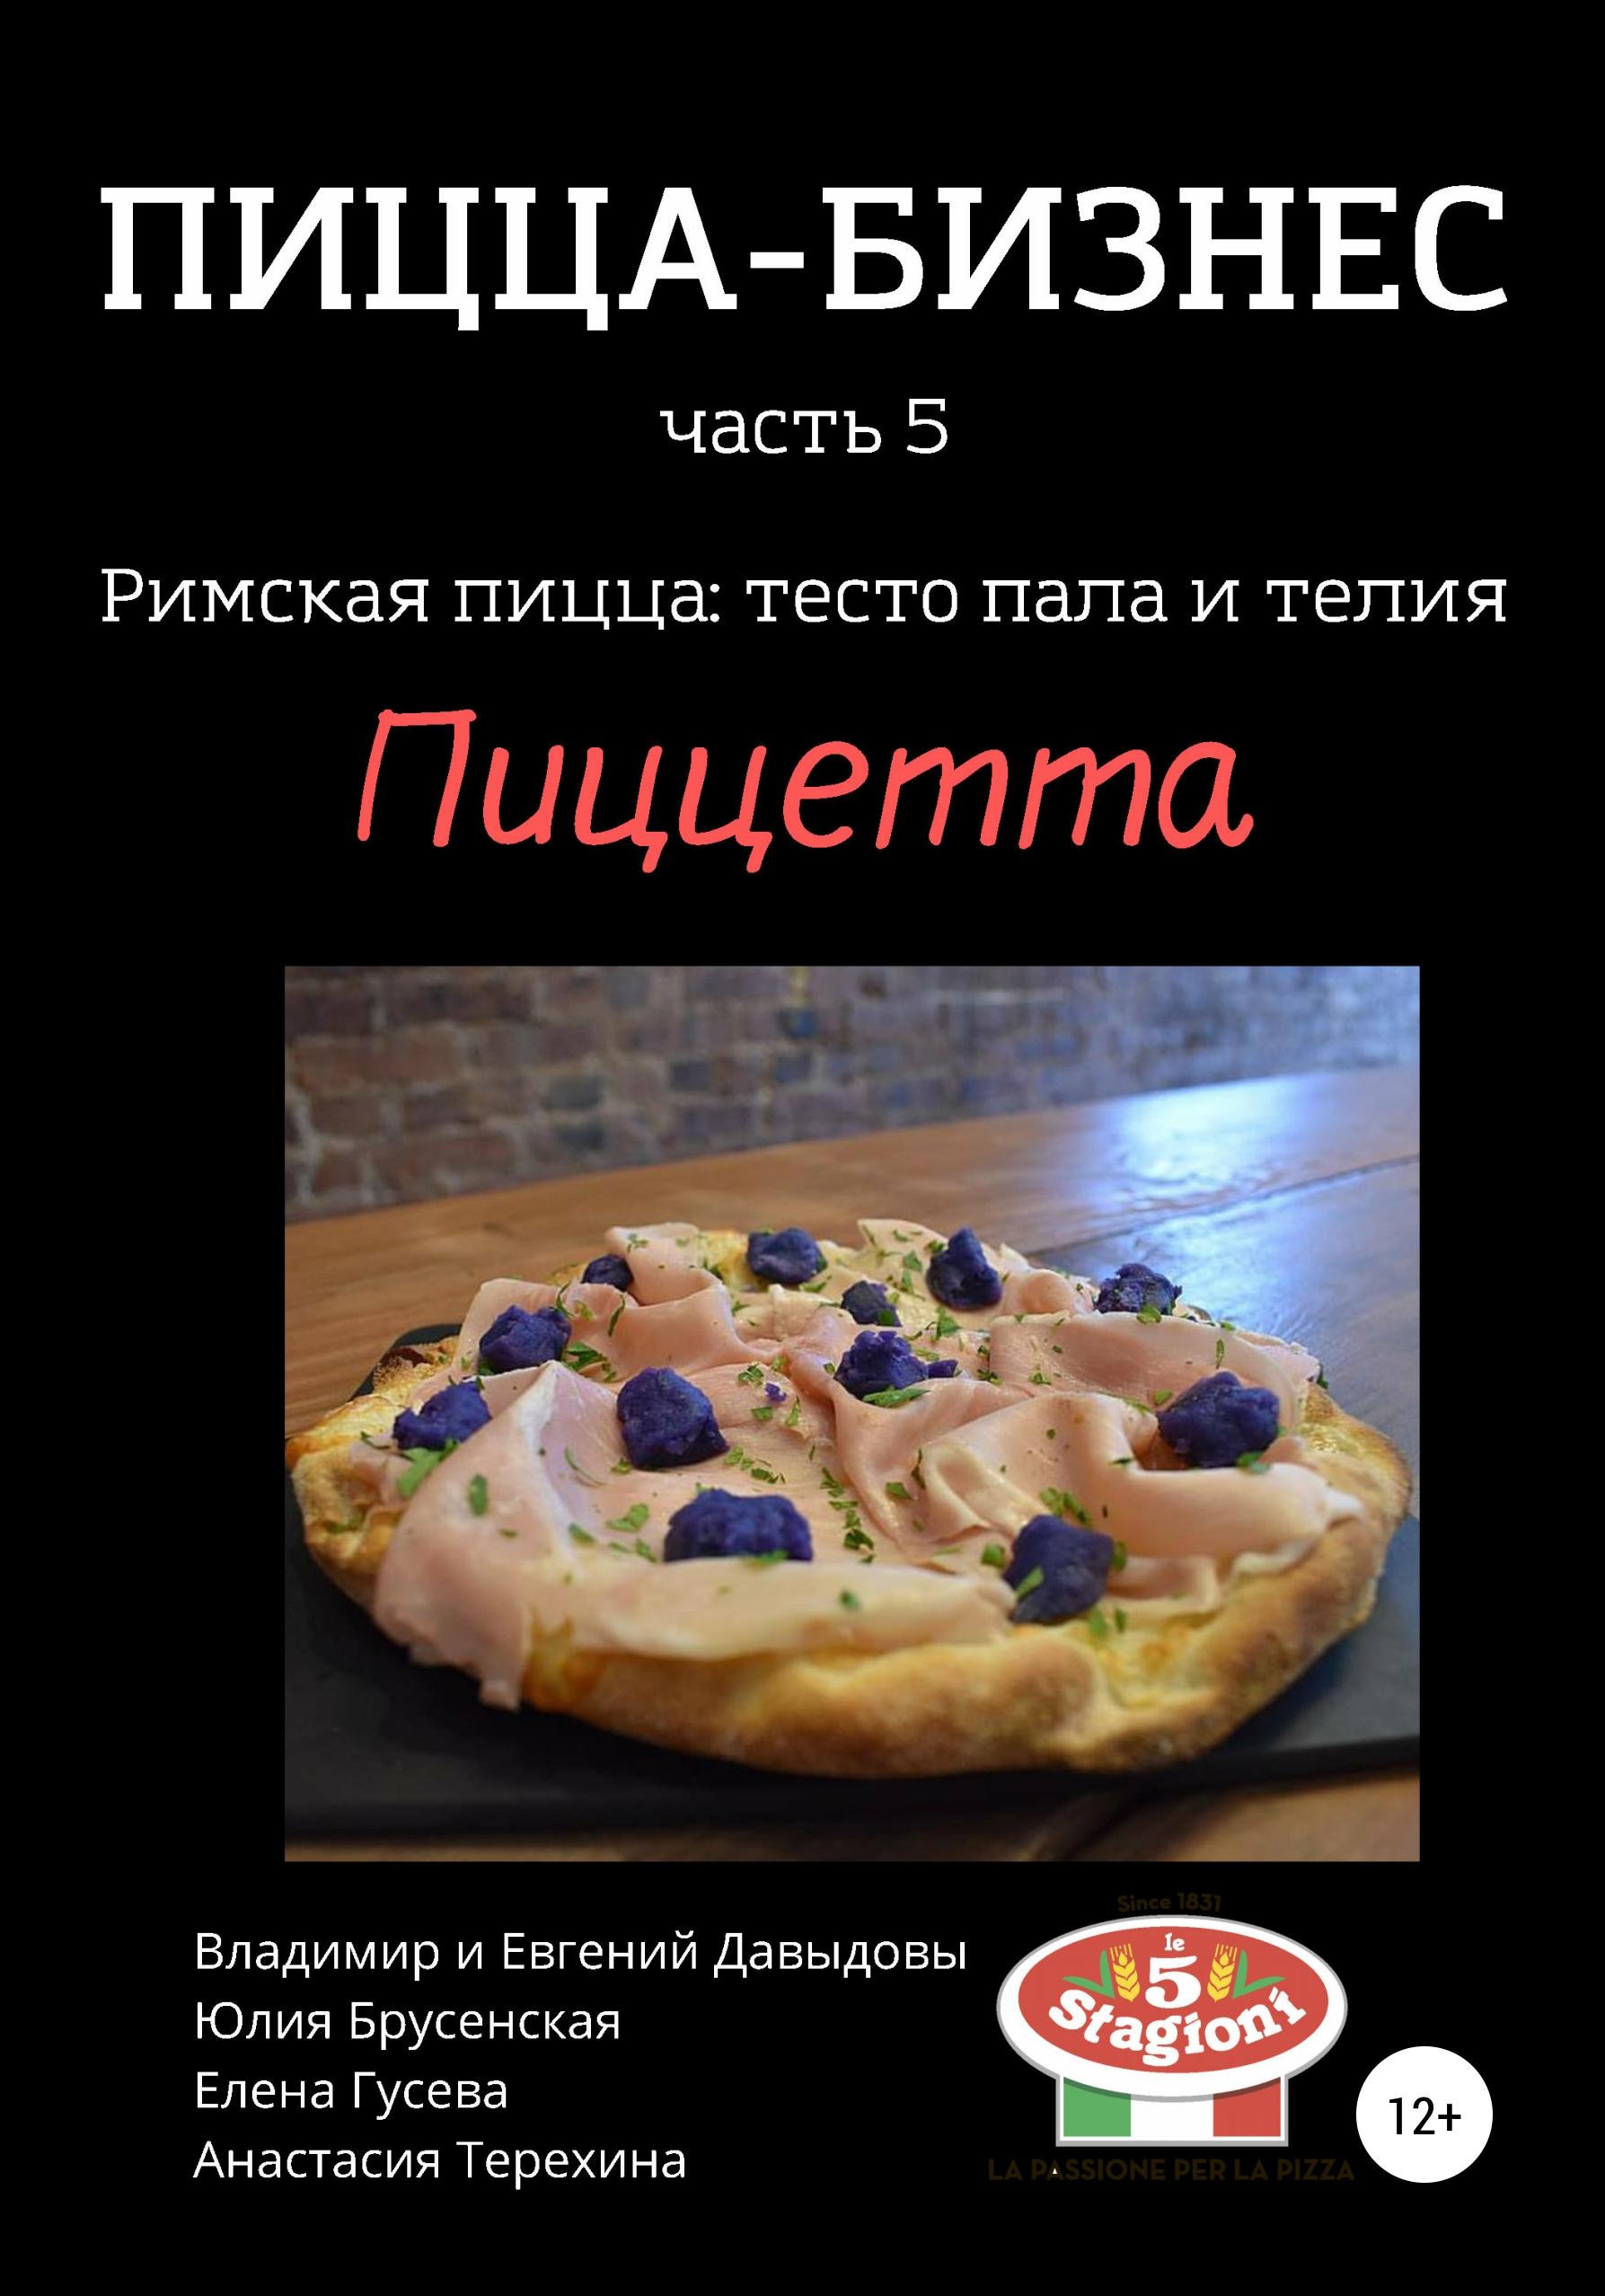 Купить книгу Пицца-бизнес, часть 5. Римская пицца: тесто пала и телия. Пинса романо, автора Владимира Давыдова